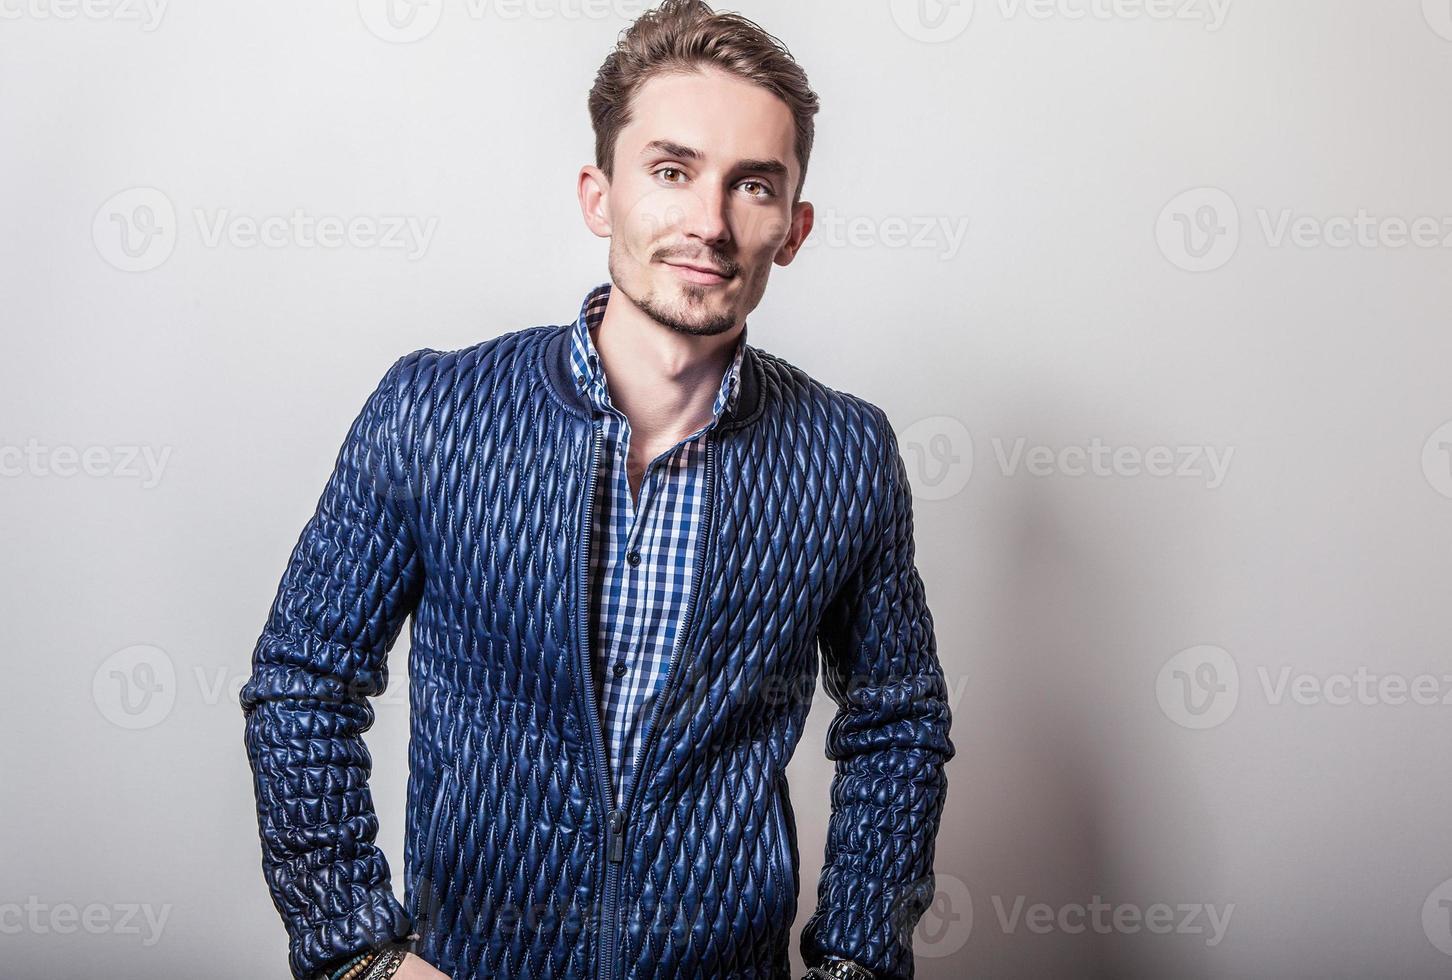 élégant jeune bel homme en veste bleu foncé élégante. photo